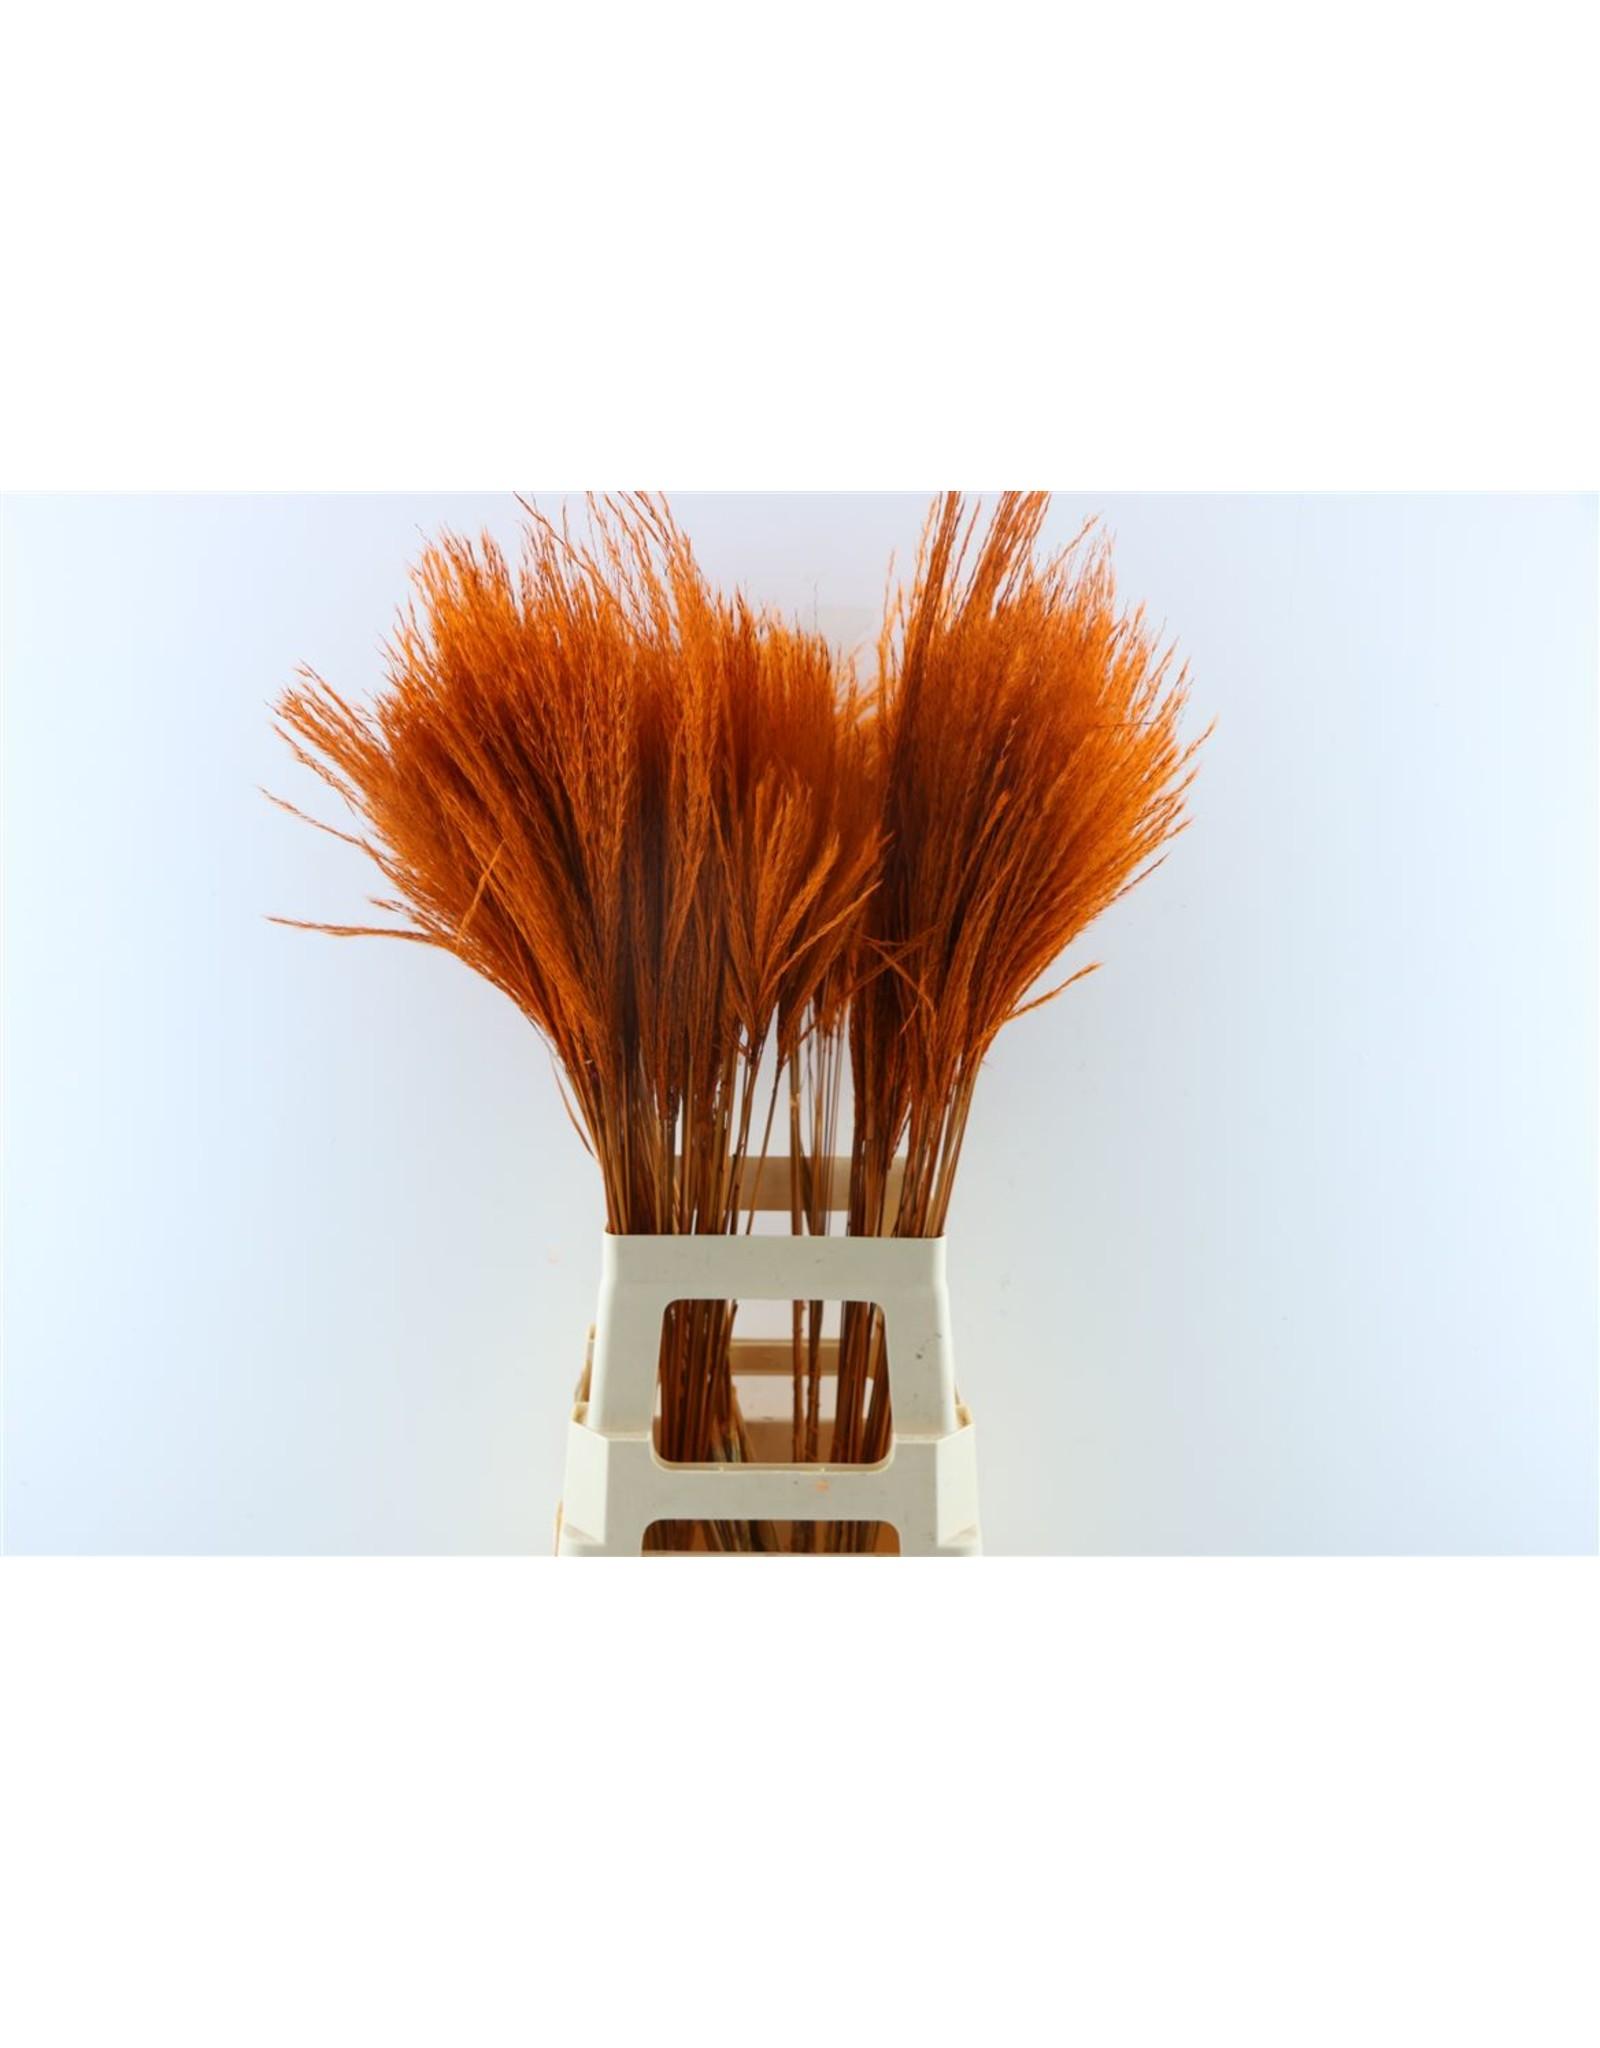 Dried Stipa Feather Oranje P. Stem x 50